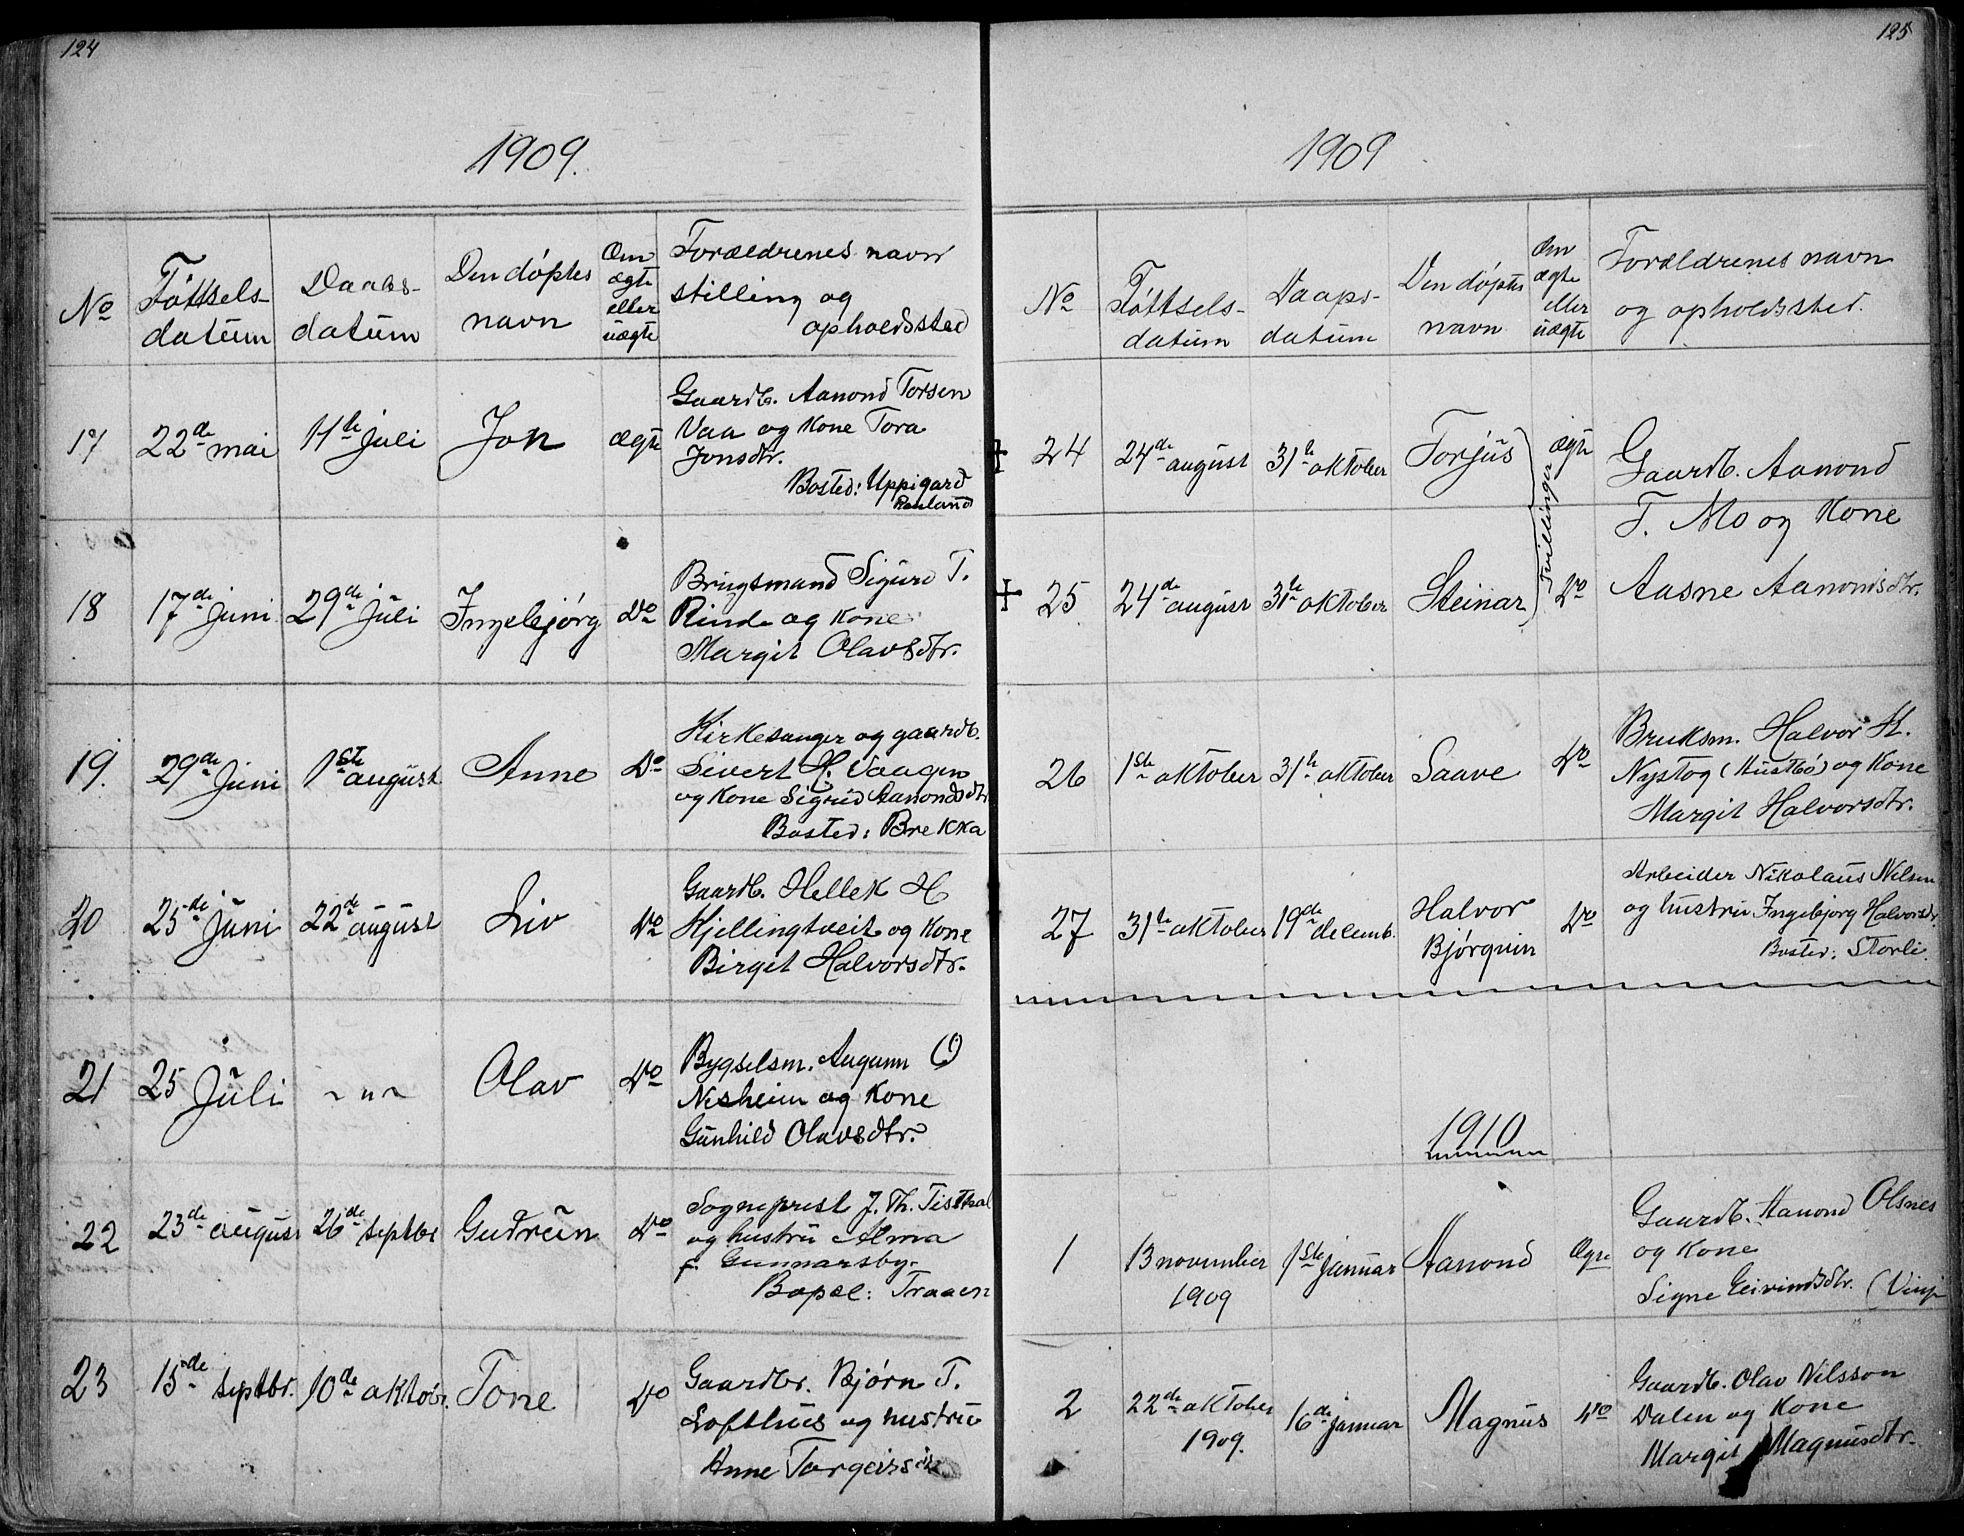 SAKO, Rauland kirkebøker, G/Ga/L0002: Klokkerbok nr. I 2, 1849-1935, s. 124-125